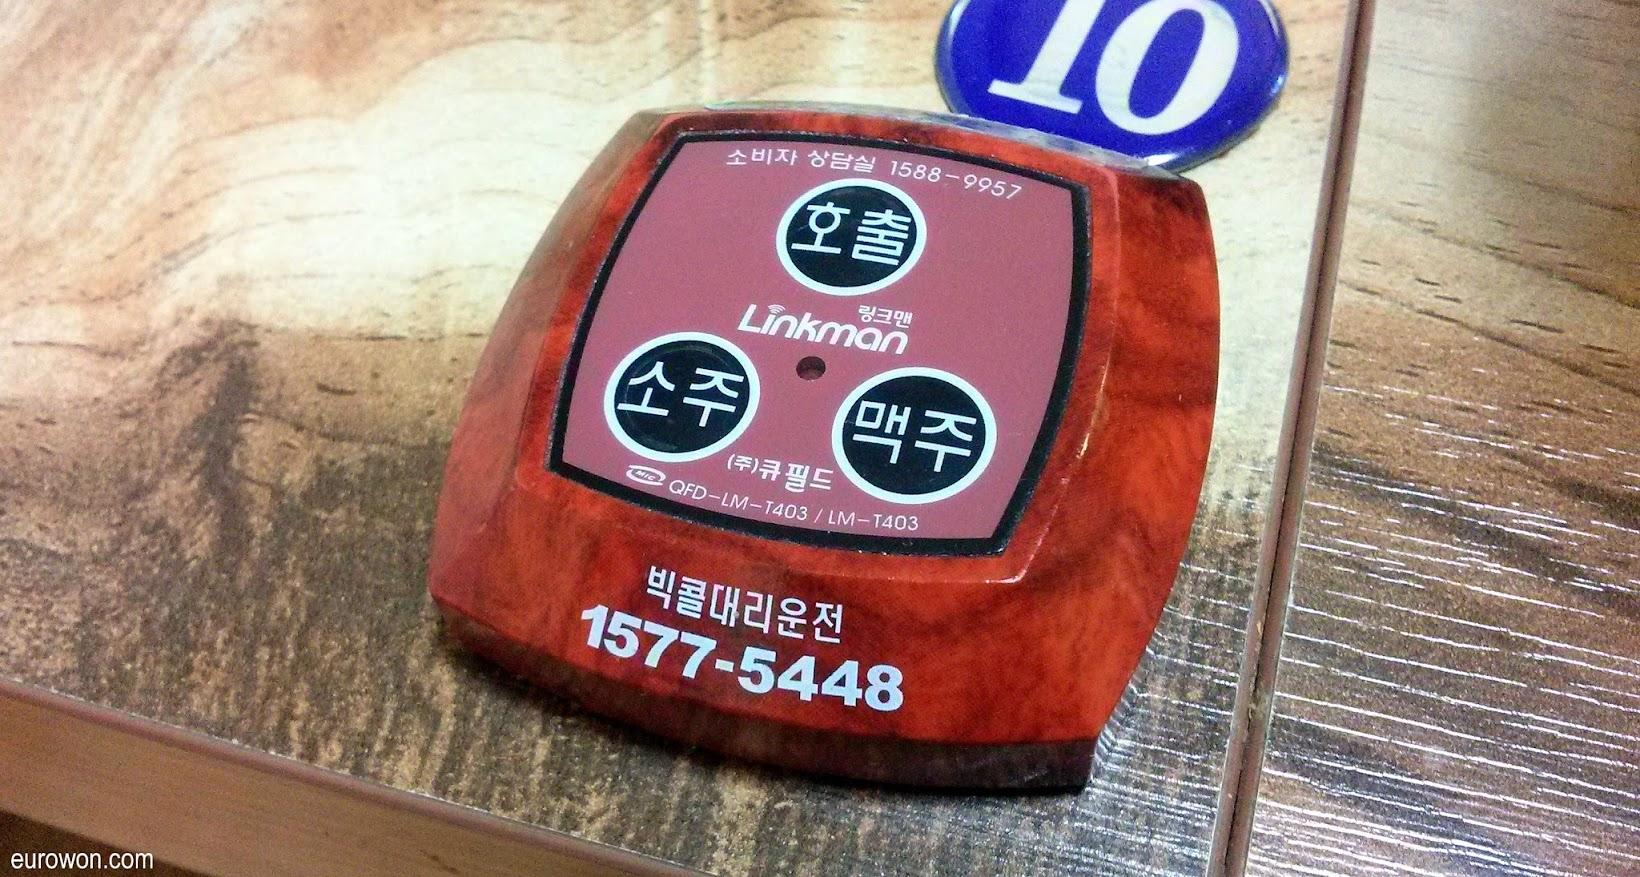 Mando para llamar al camarero en Corea del Sur